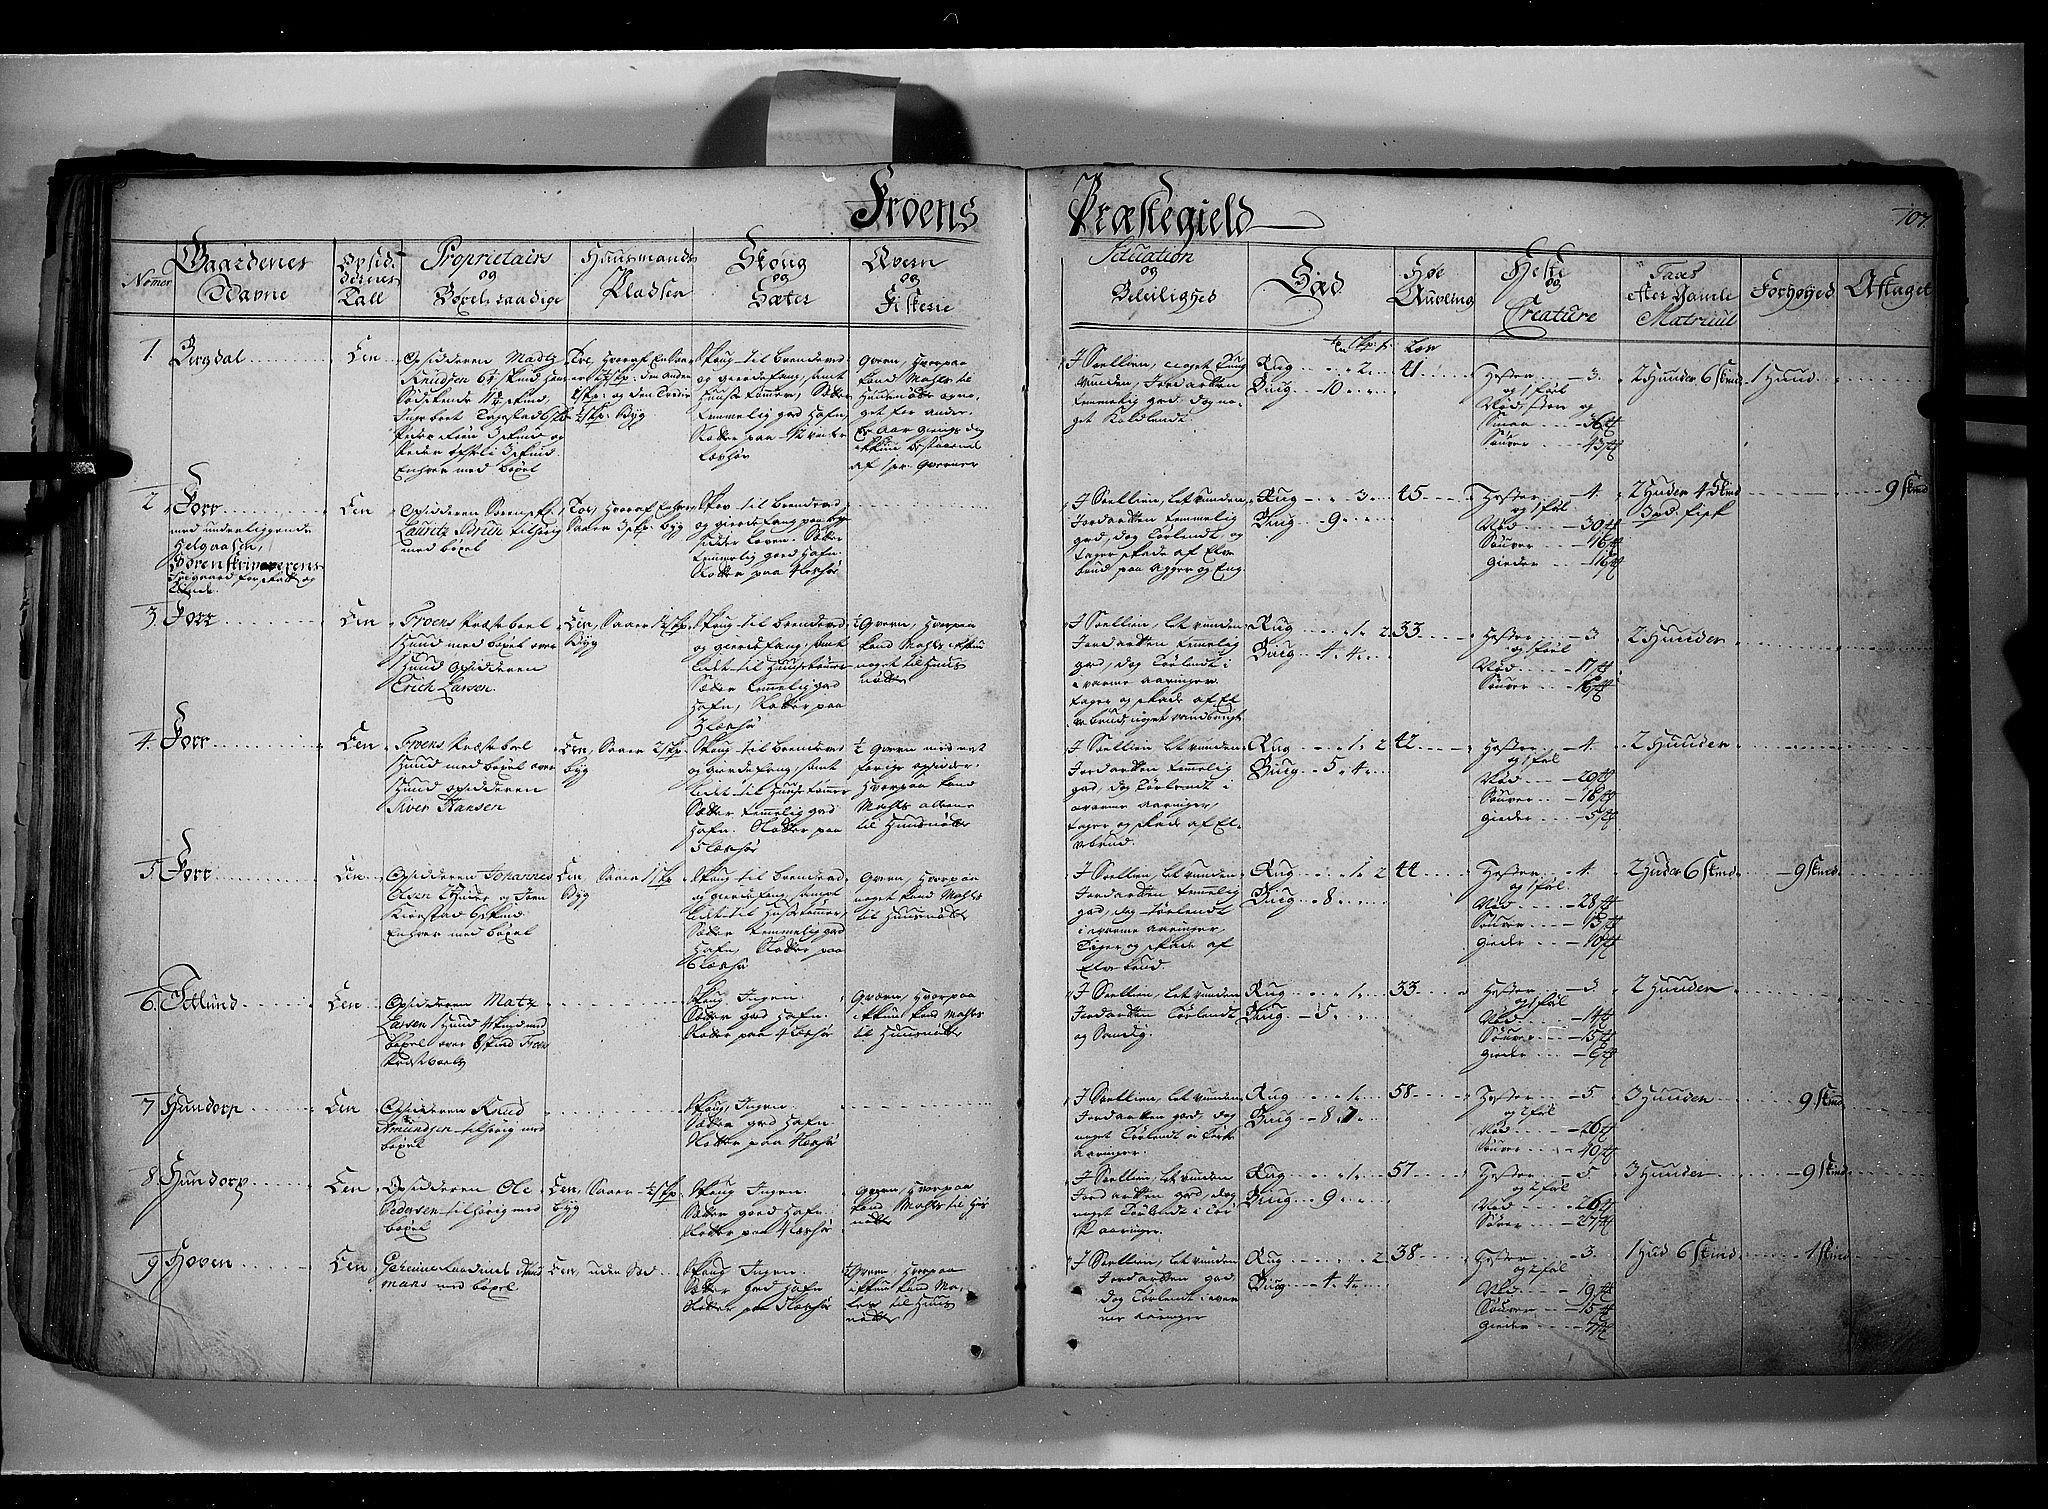 RA, Rentekammeret inntil 1814, Realistisk ordnet avdeling, N/Nb/Nbf/L0107: Gudbrandsdalen eksaminasjonsprotokoll, 1723, s. 106b-107a